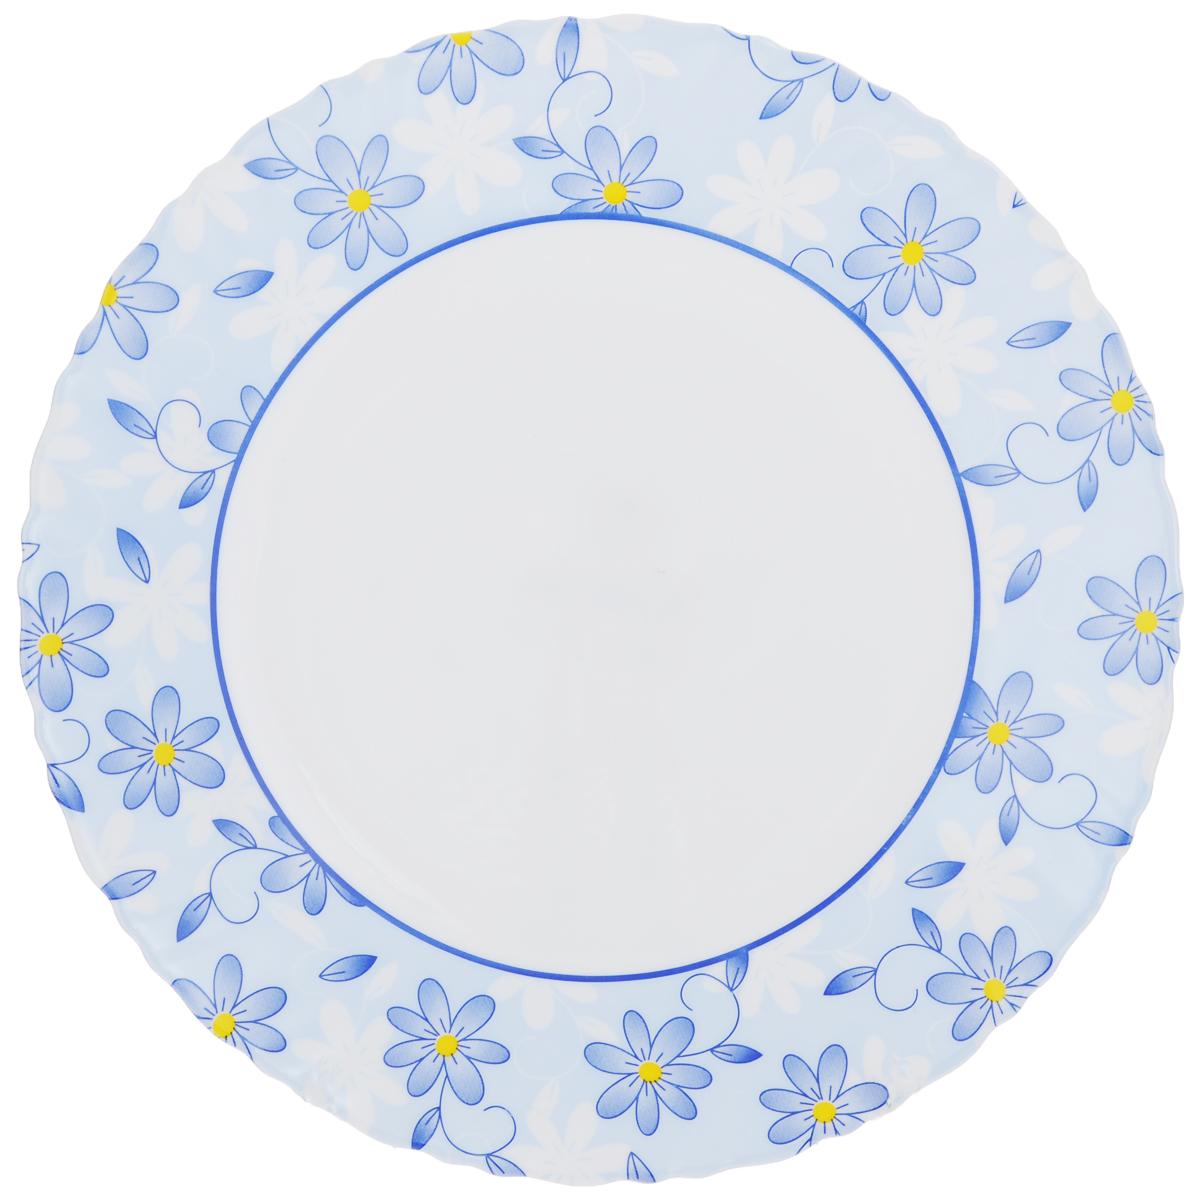 Тарелка обеденная Luminarc Gloria, диаметр 25 смW07330026Обеденная тарелка Luminarc Gloria, изготовленная из высококачественного стекла, украшена ярким цветочным рисунком. Изящный дизайн придется по вкусу и ценителям классики, и тем, кто предпочитает утонченность. Тарелка Luminarc Gloria идеально подойдет для сервировки стола и станет отличным подарком к любому празднику.Диаметр (по верхнему краю): 25 см.